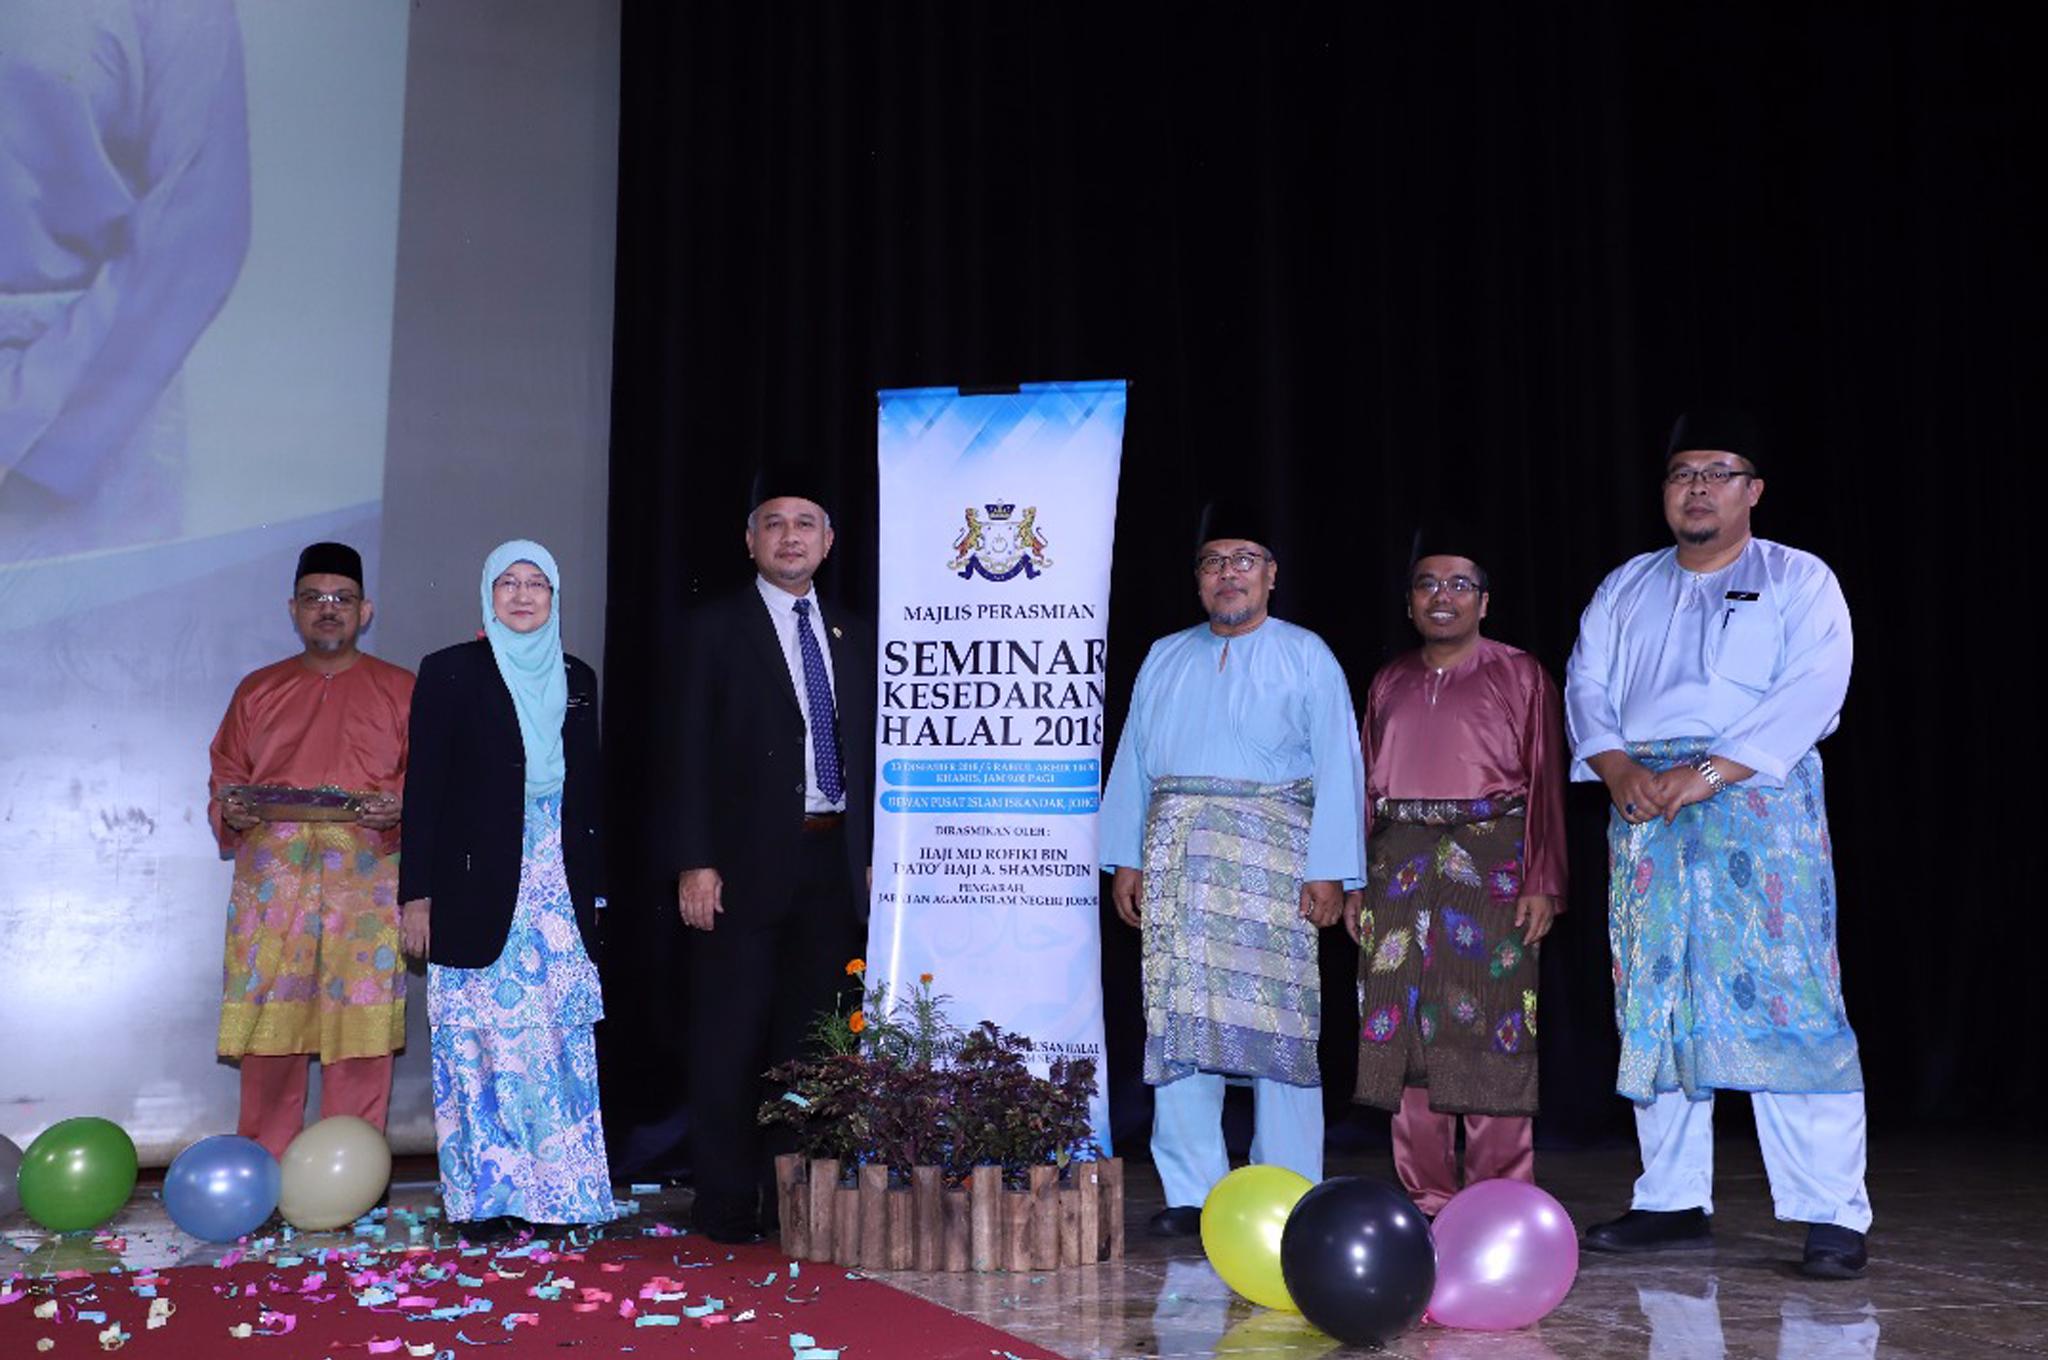 Seminar Kesedaran Halal Peringkat Negeri Johor pada 13 Disember 2018.